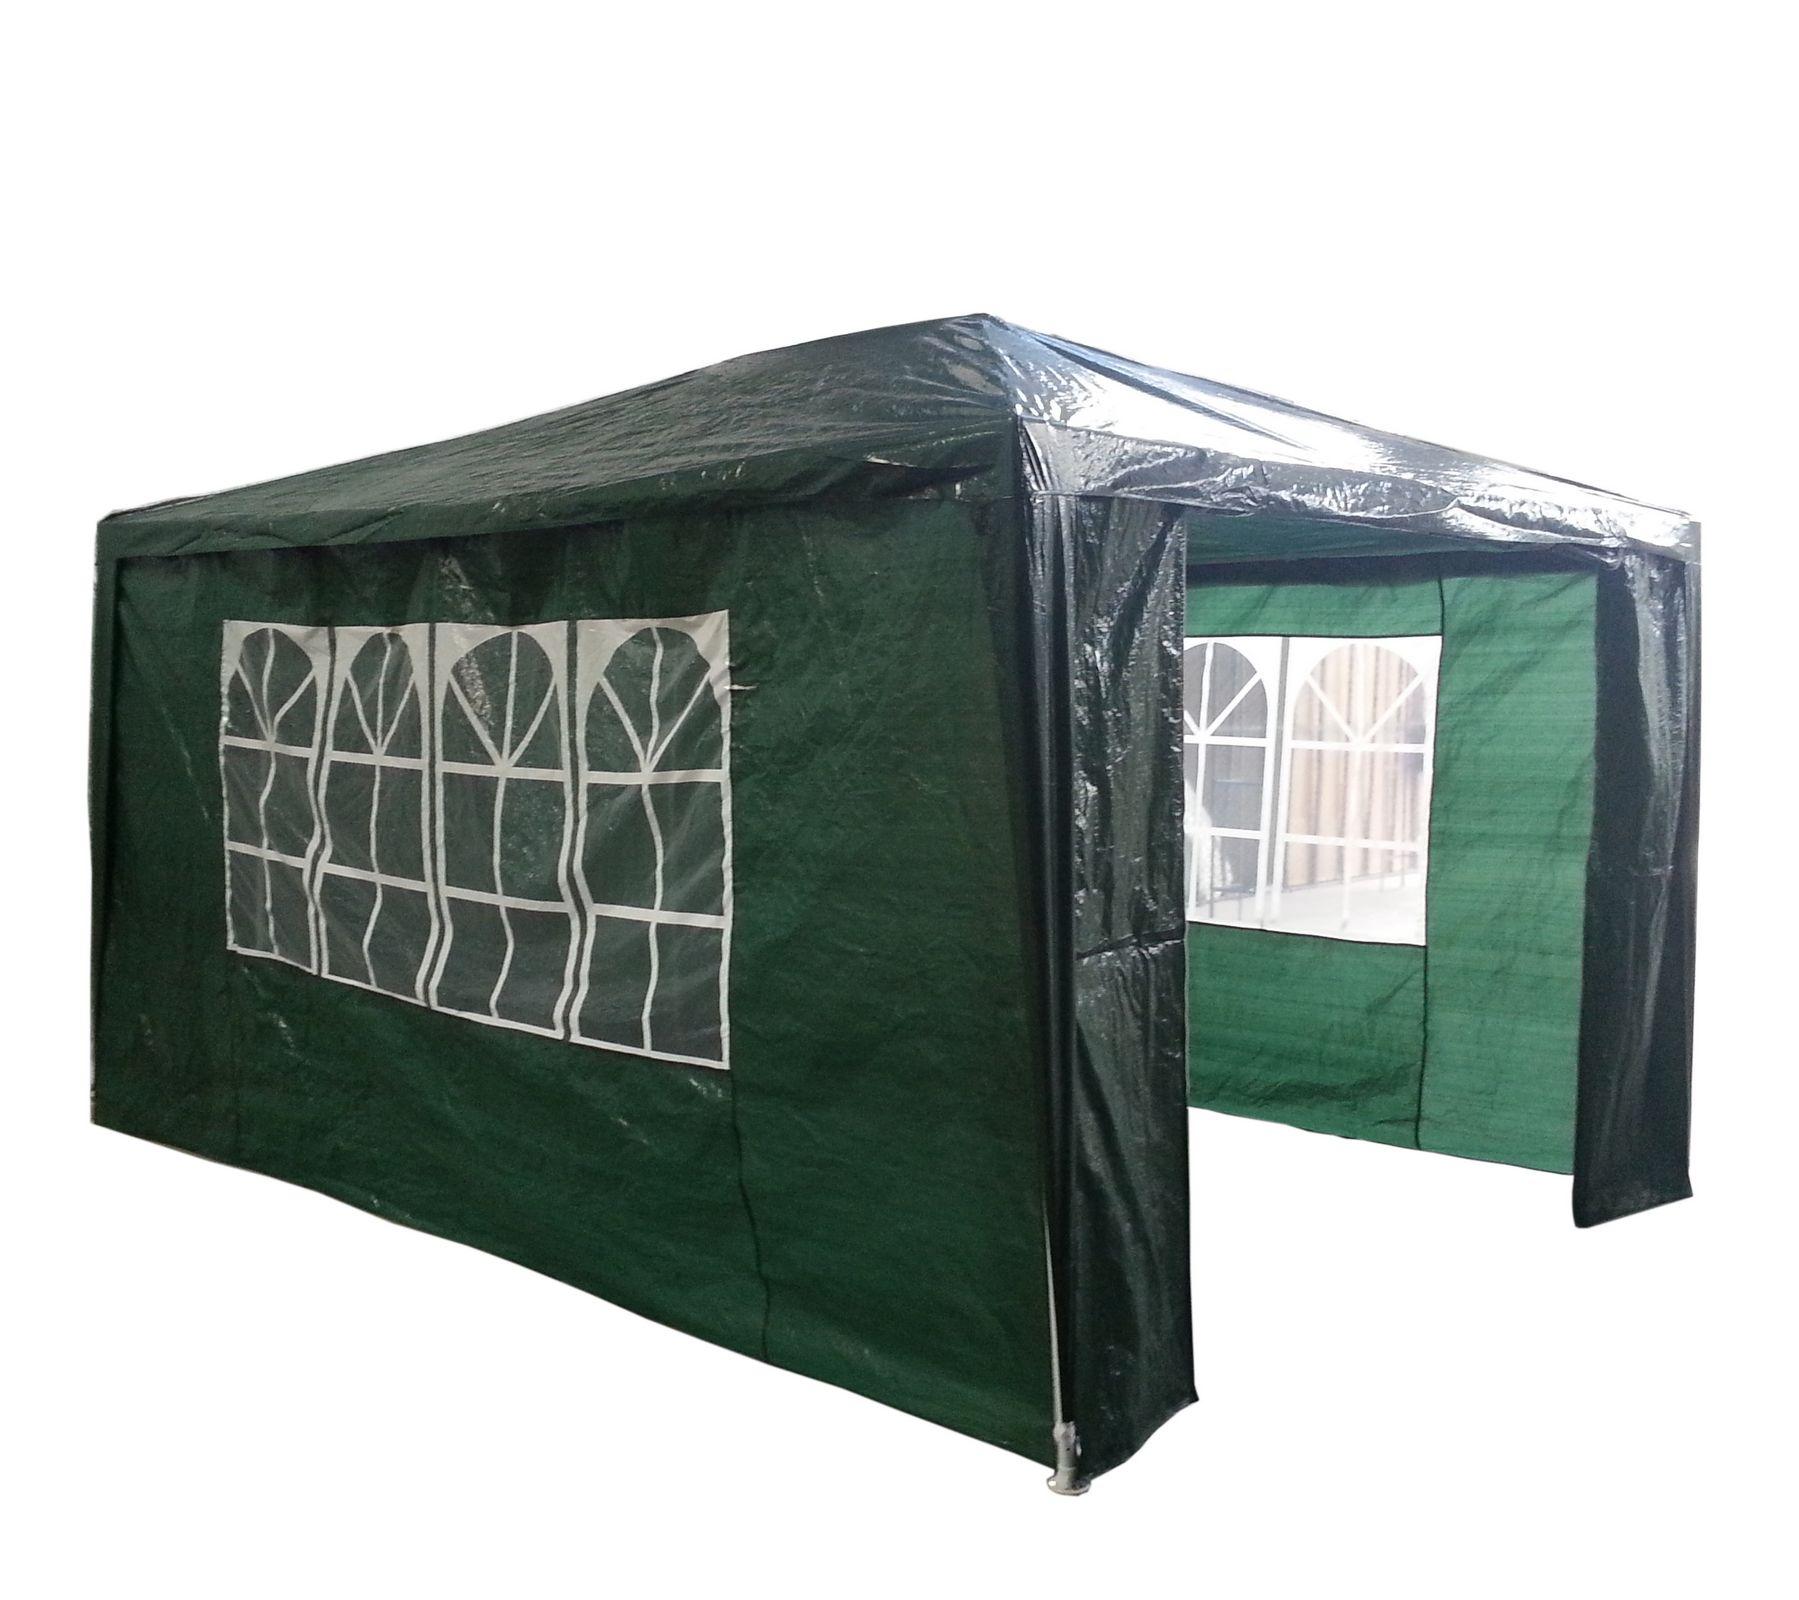 Gartenzelt Partyzelt Wasserdicht Gr N 3m X 4m Mit Markise